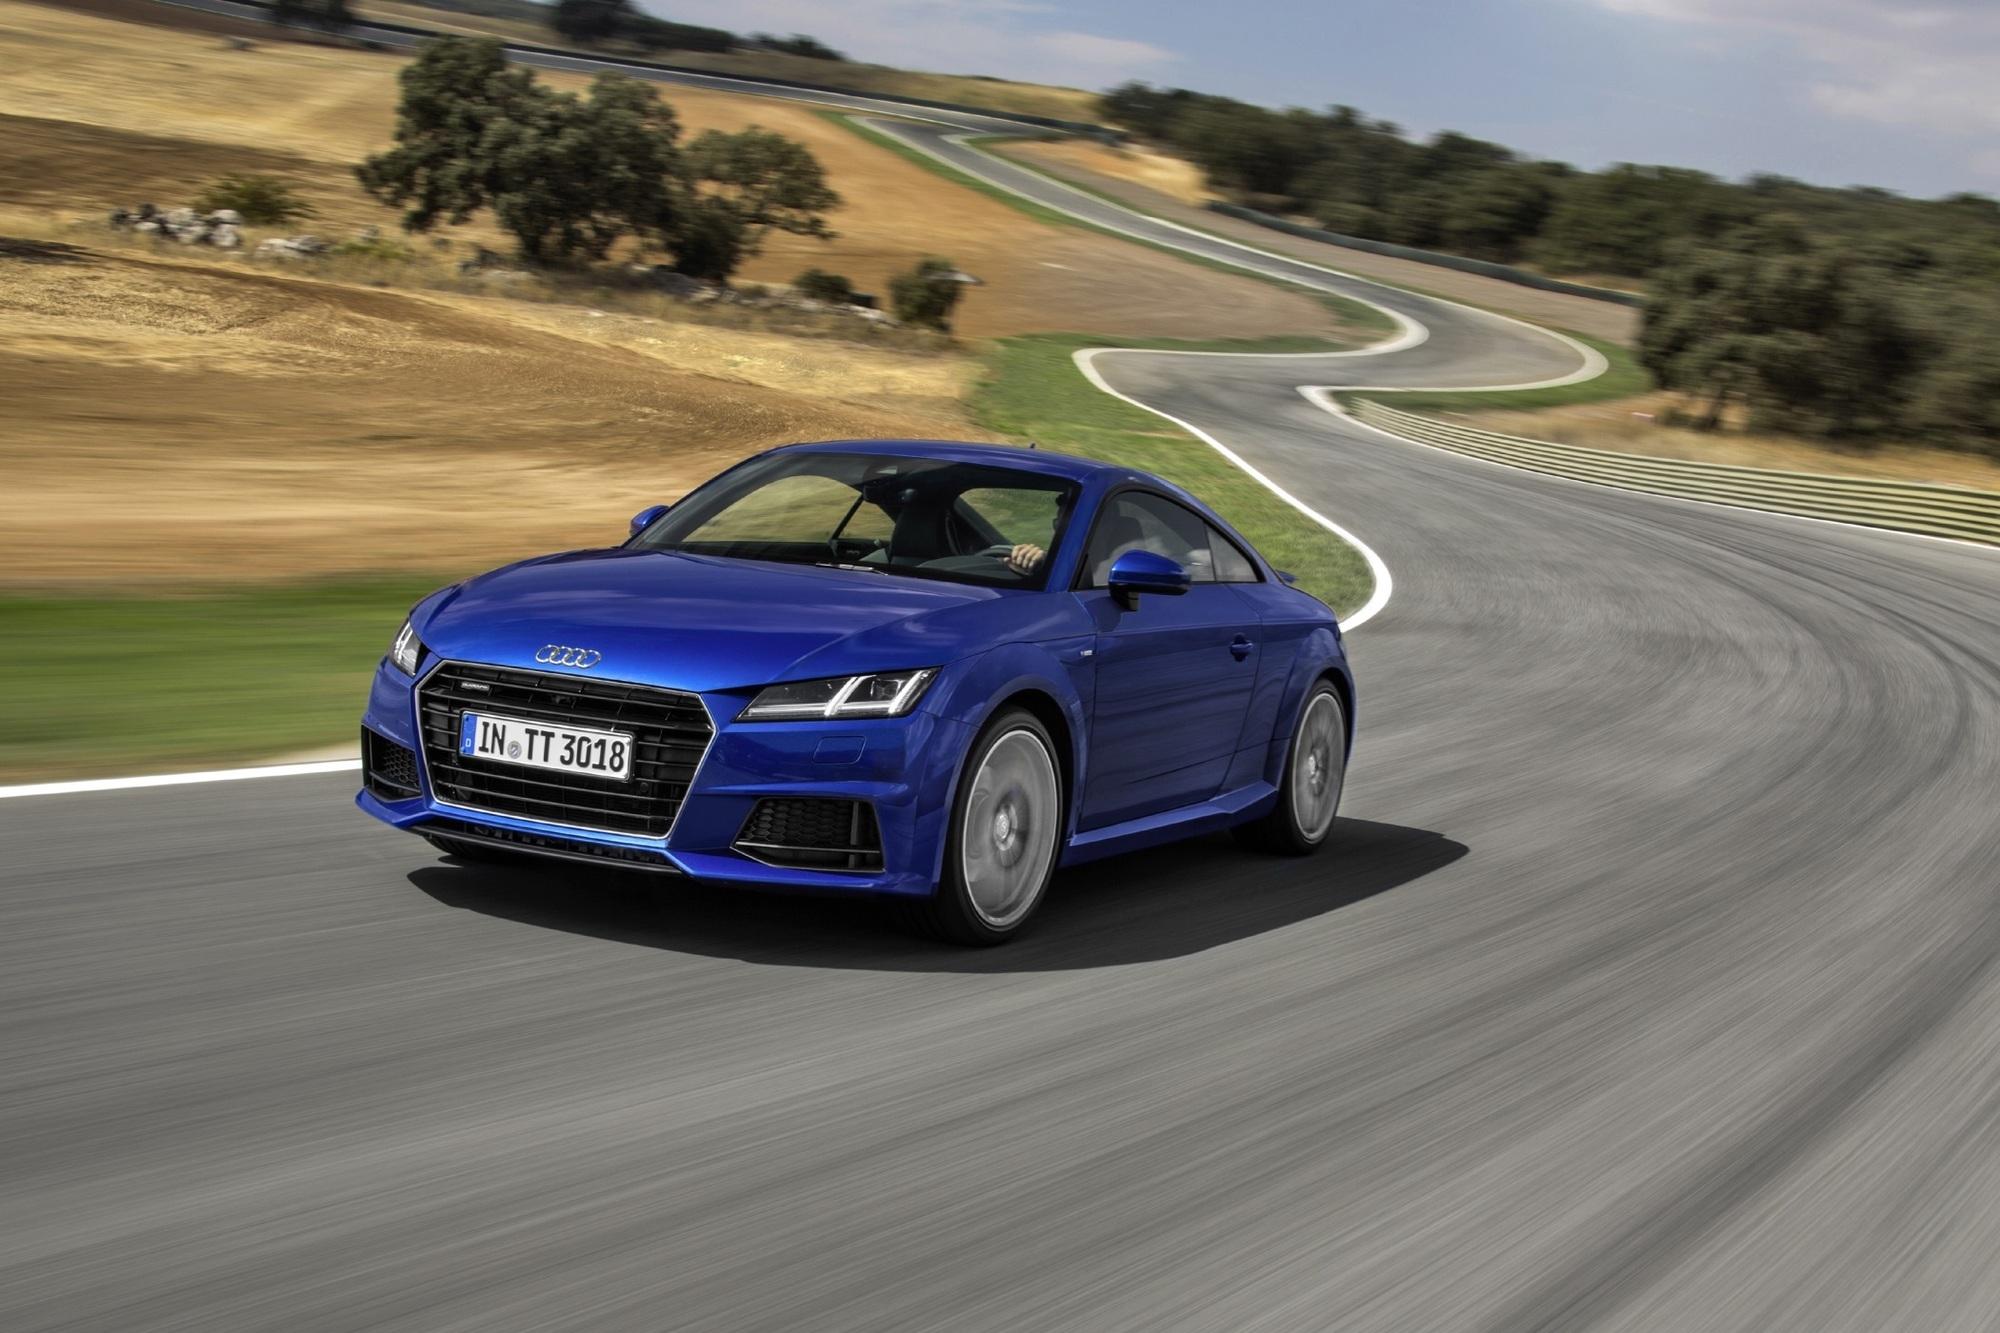 Test: Audi TT Coupé - Schickes Schnuckelchen mit Showtalent